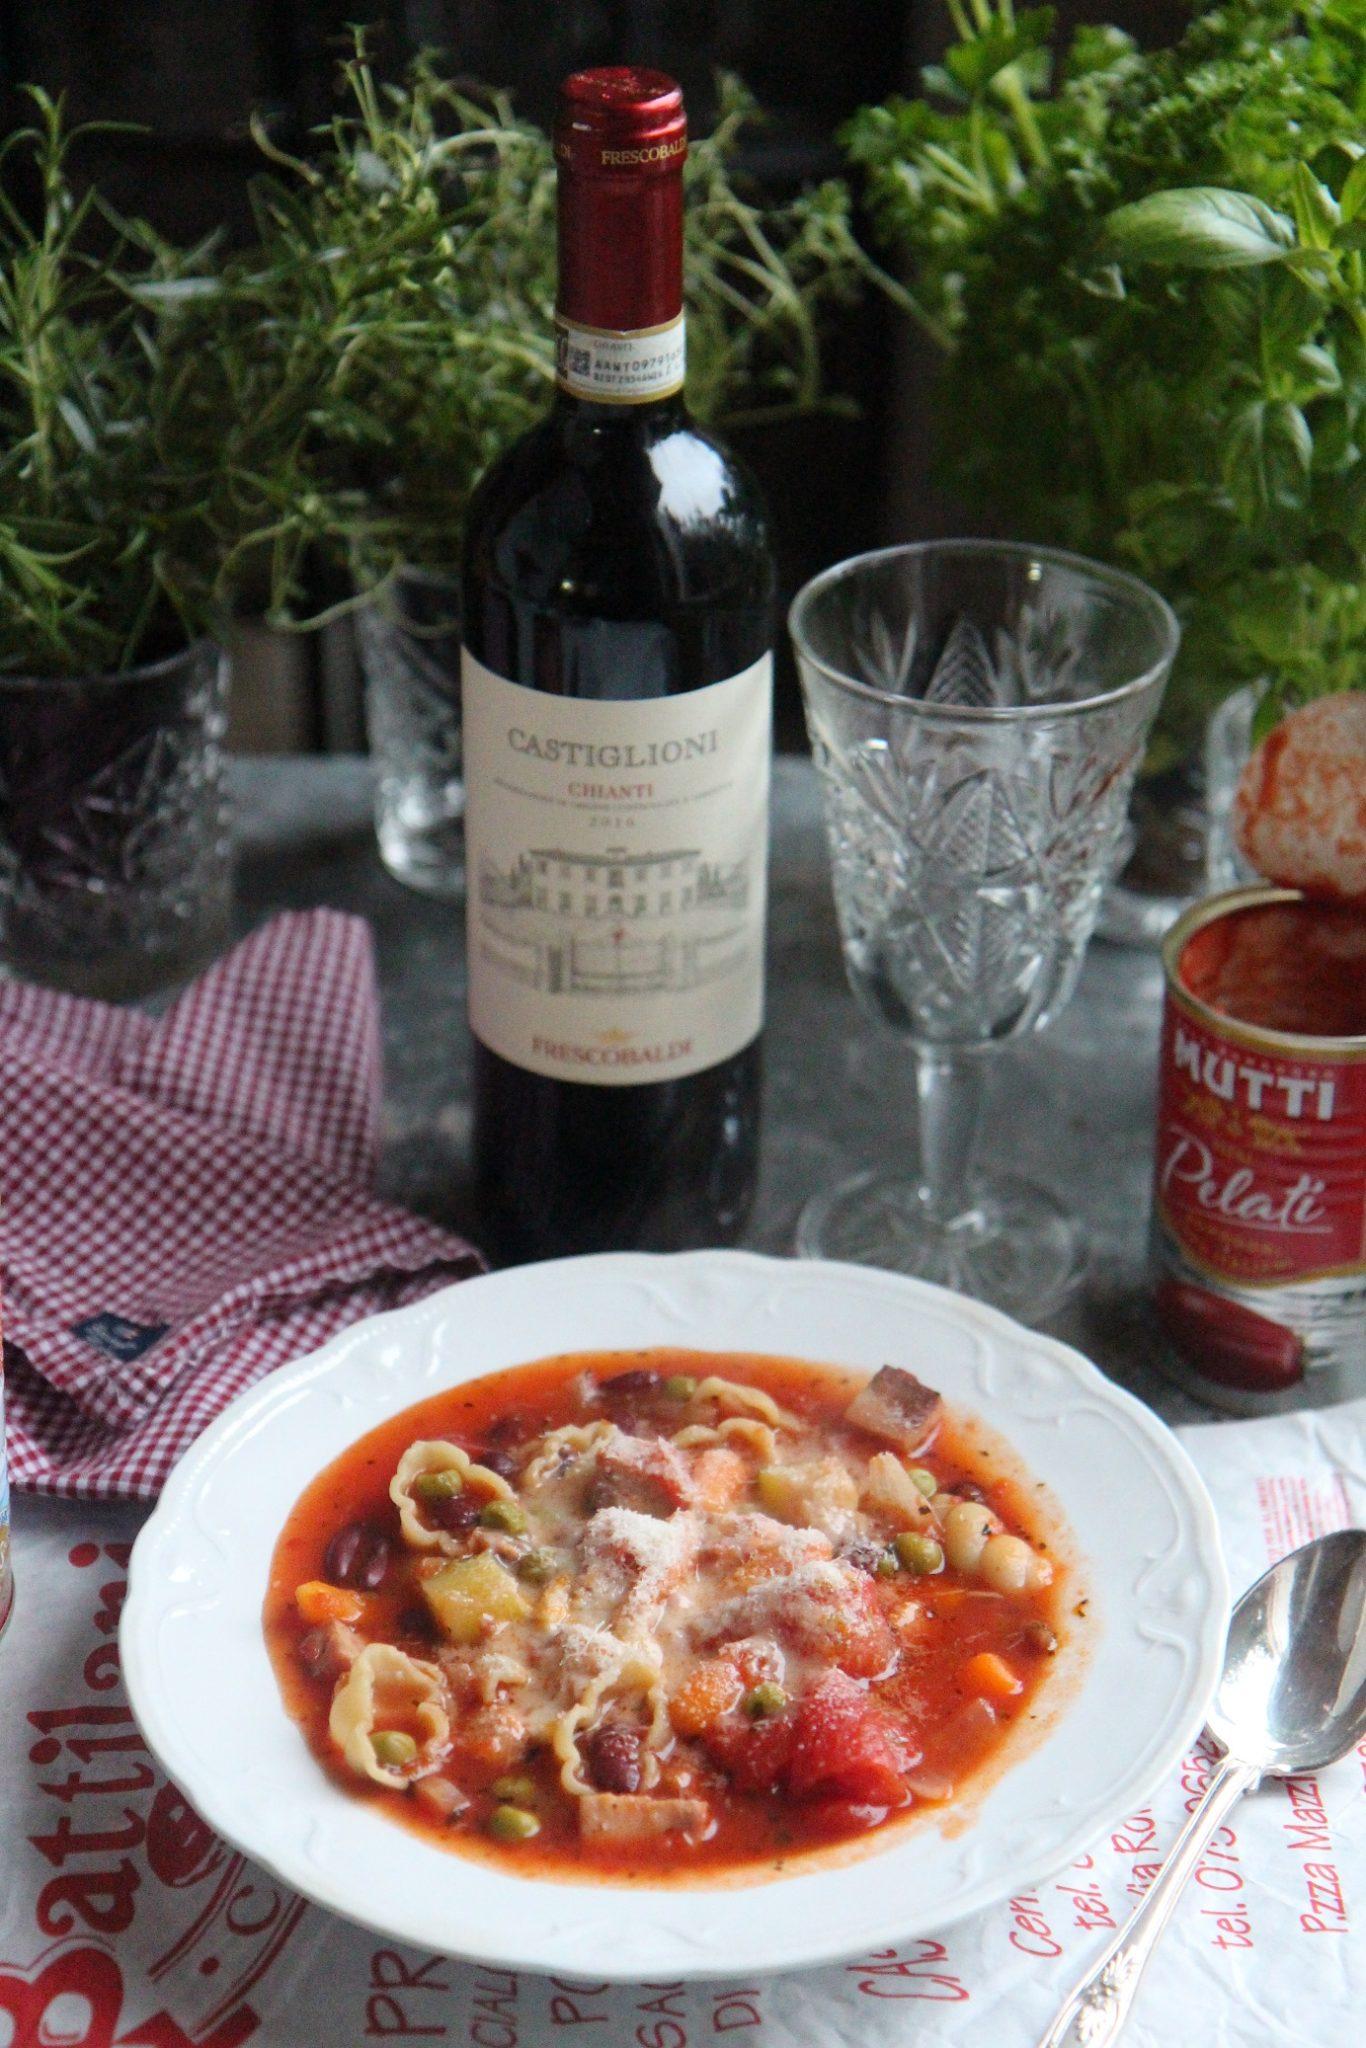 Viikko 2: Italian hekumaa, minestrone